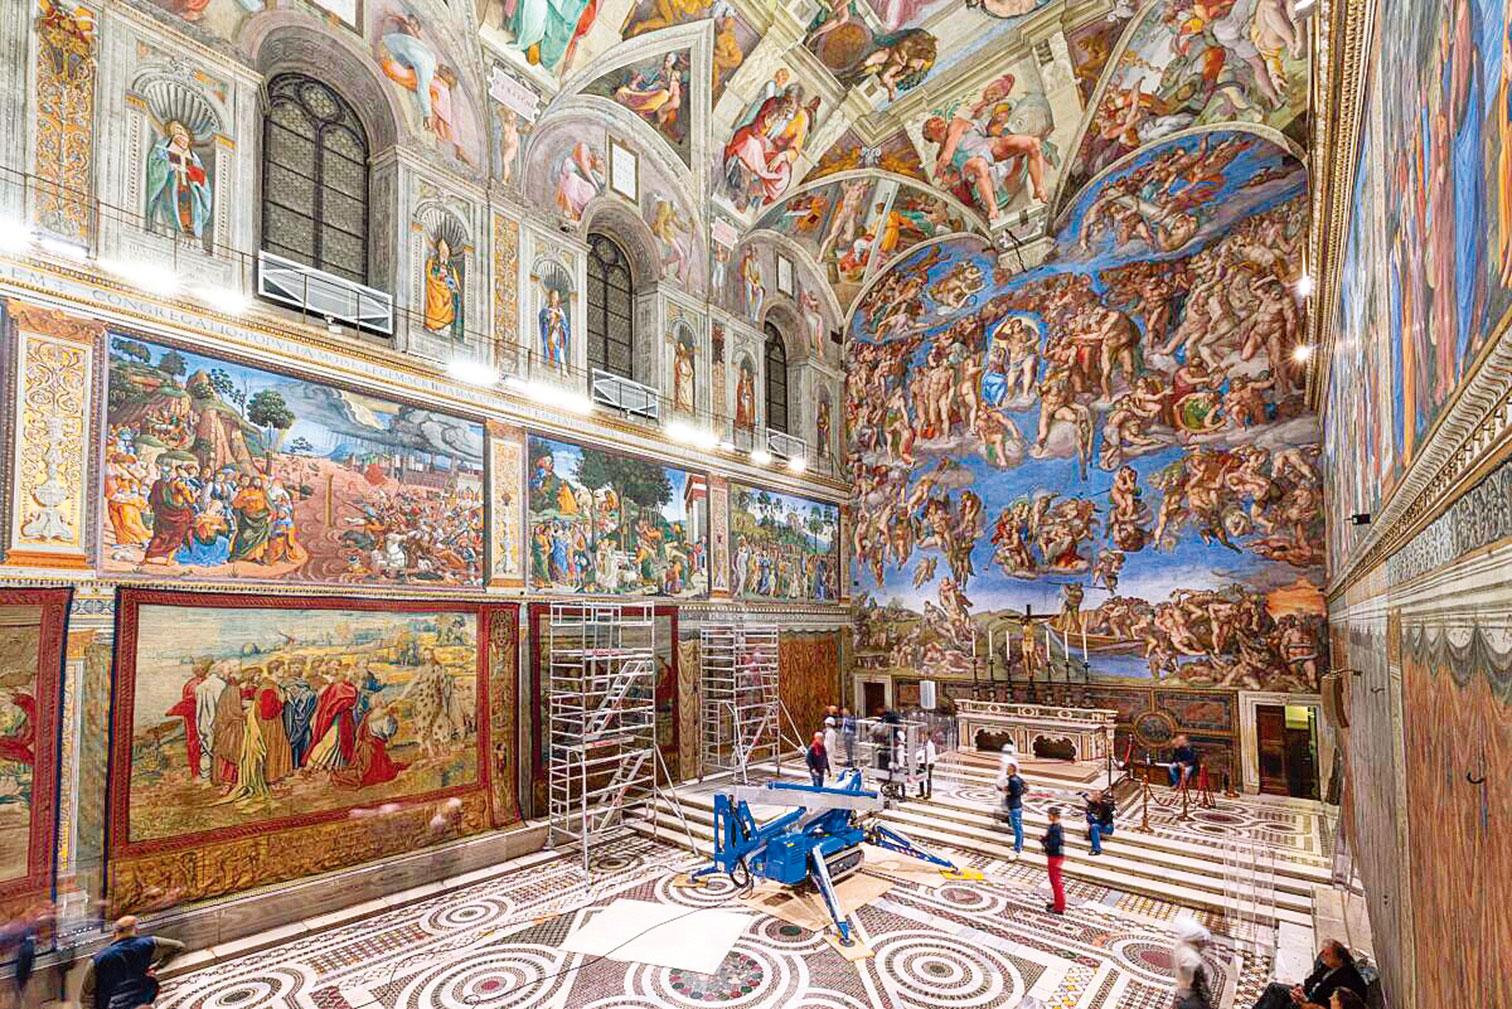 教宗利奧十世委任拉斐爾為西斯廷禮拜堂的下半牆面設計壁毯,以此豐富廳內的《聖經》故事圖畫。當時,許多優秀藝術家皆投入其中,其中也包含了米開朗基羅。